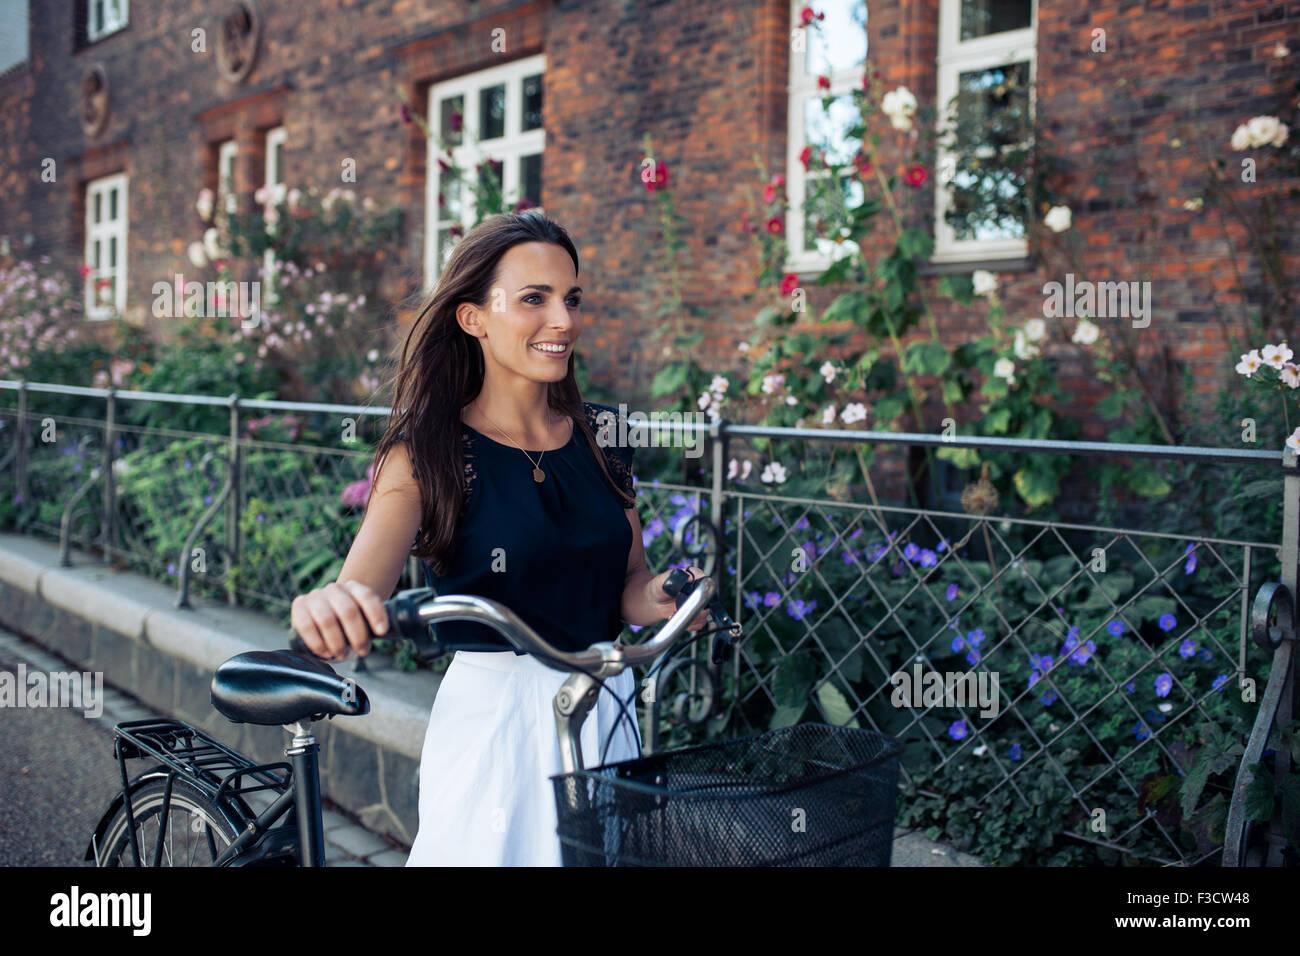 Porträt der schönen jungen Frau, die entlang der Straße mit dem Fahrrad. Frau mit Fahrrad, zu Fuß Stockbild